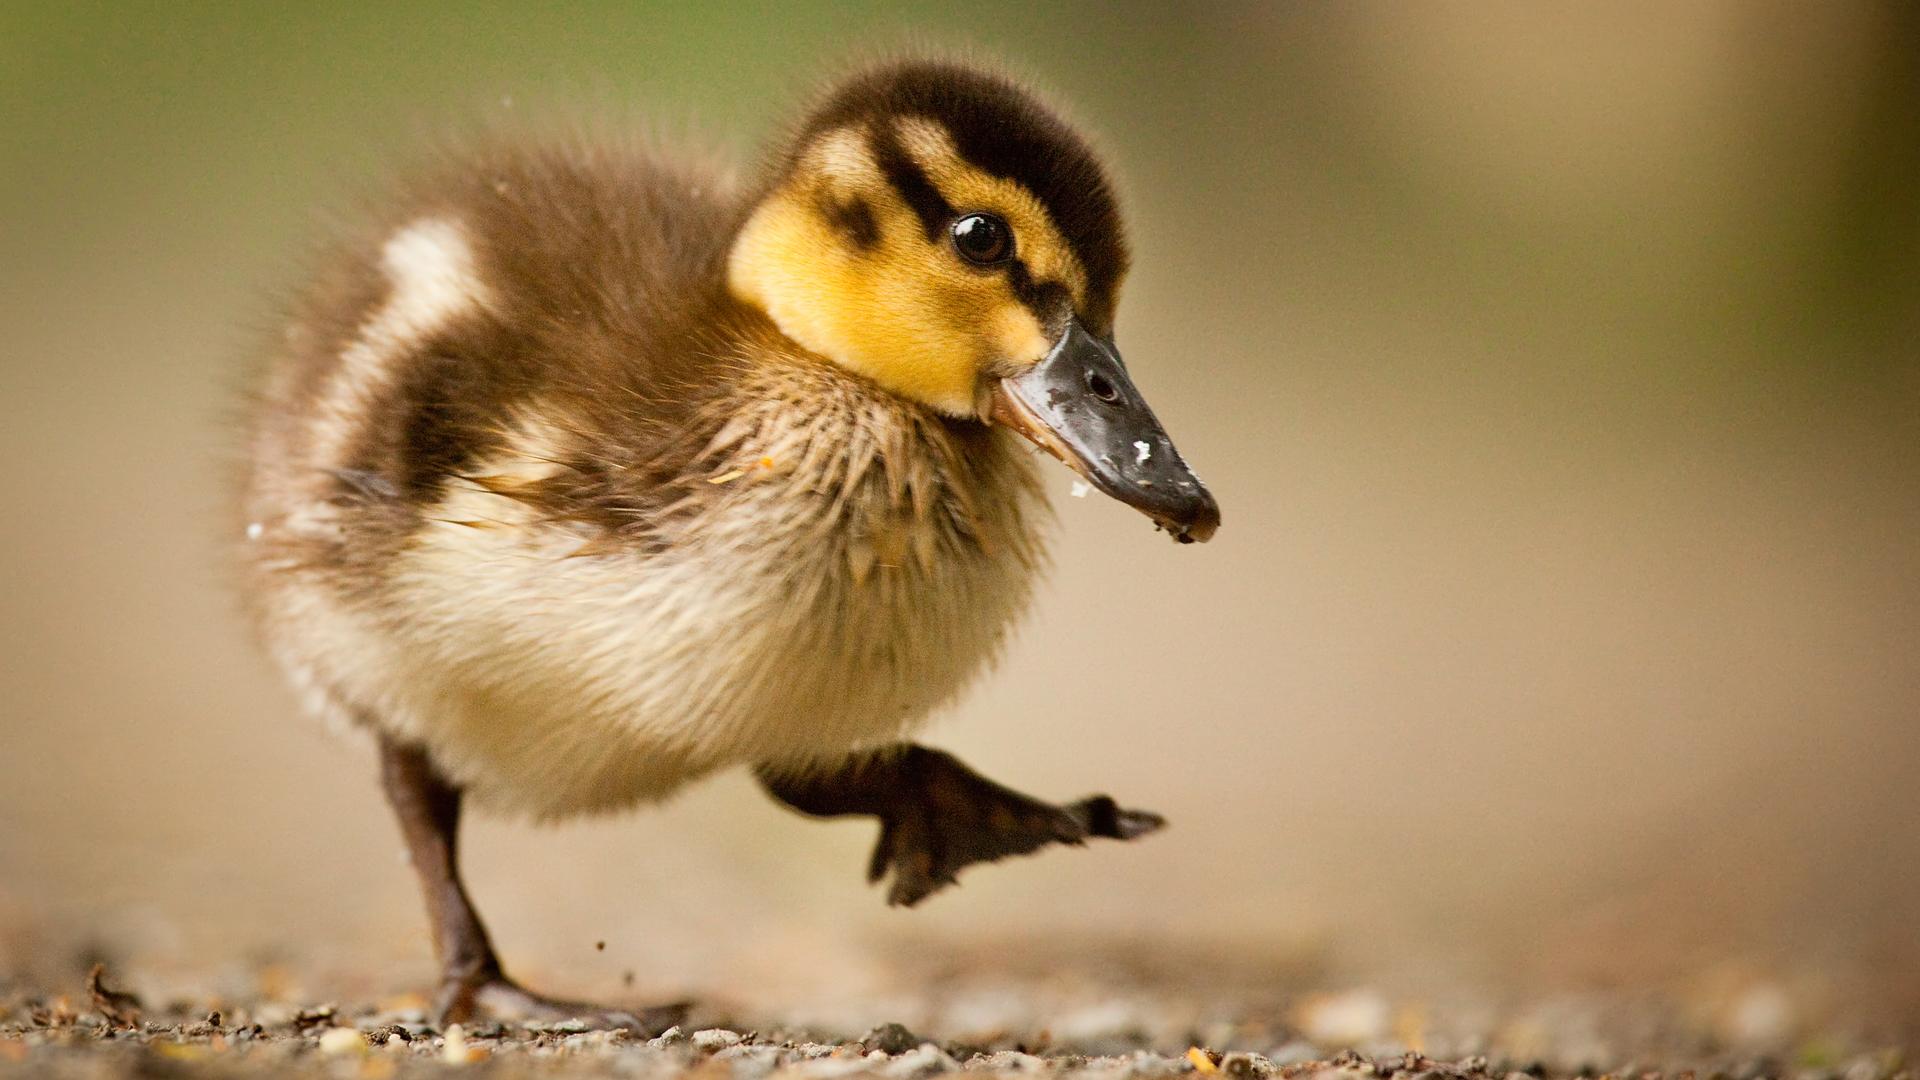 Filhote de pato